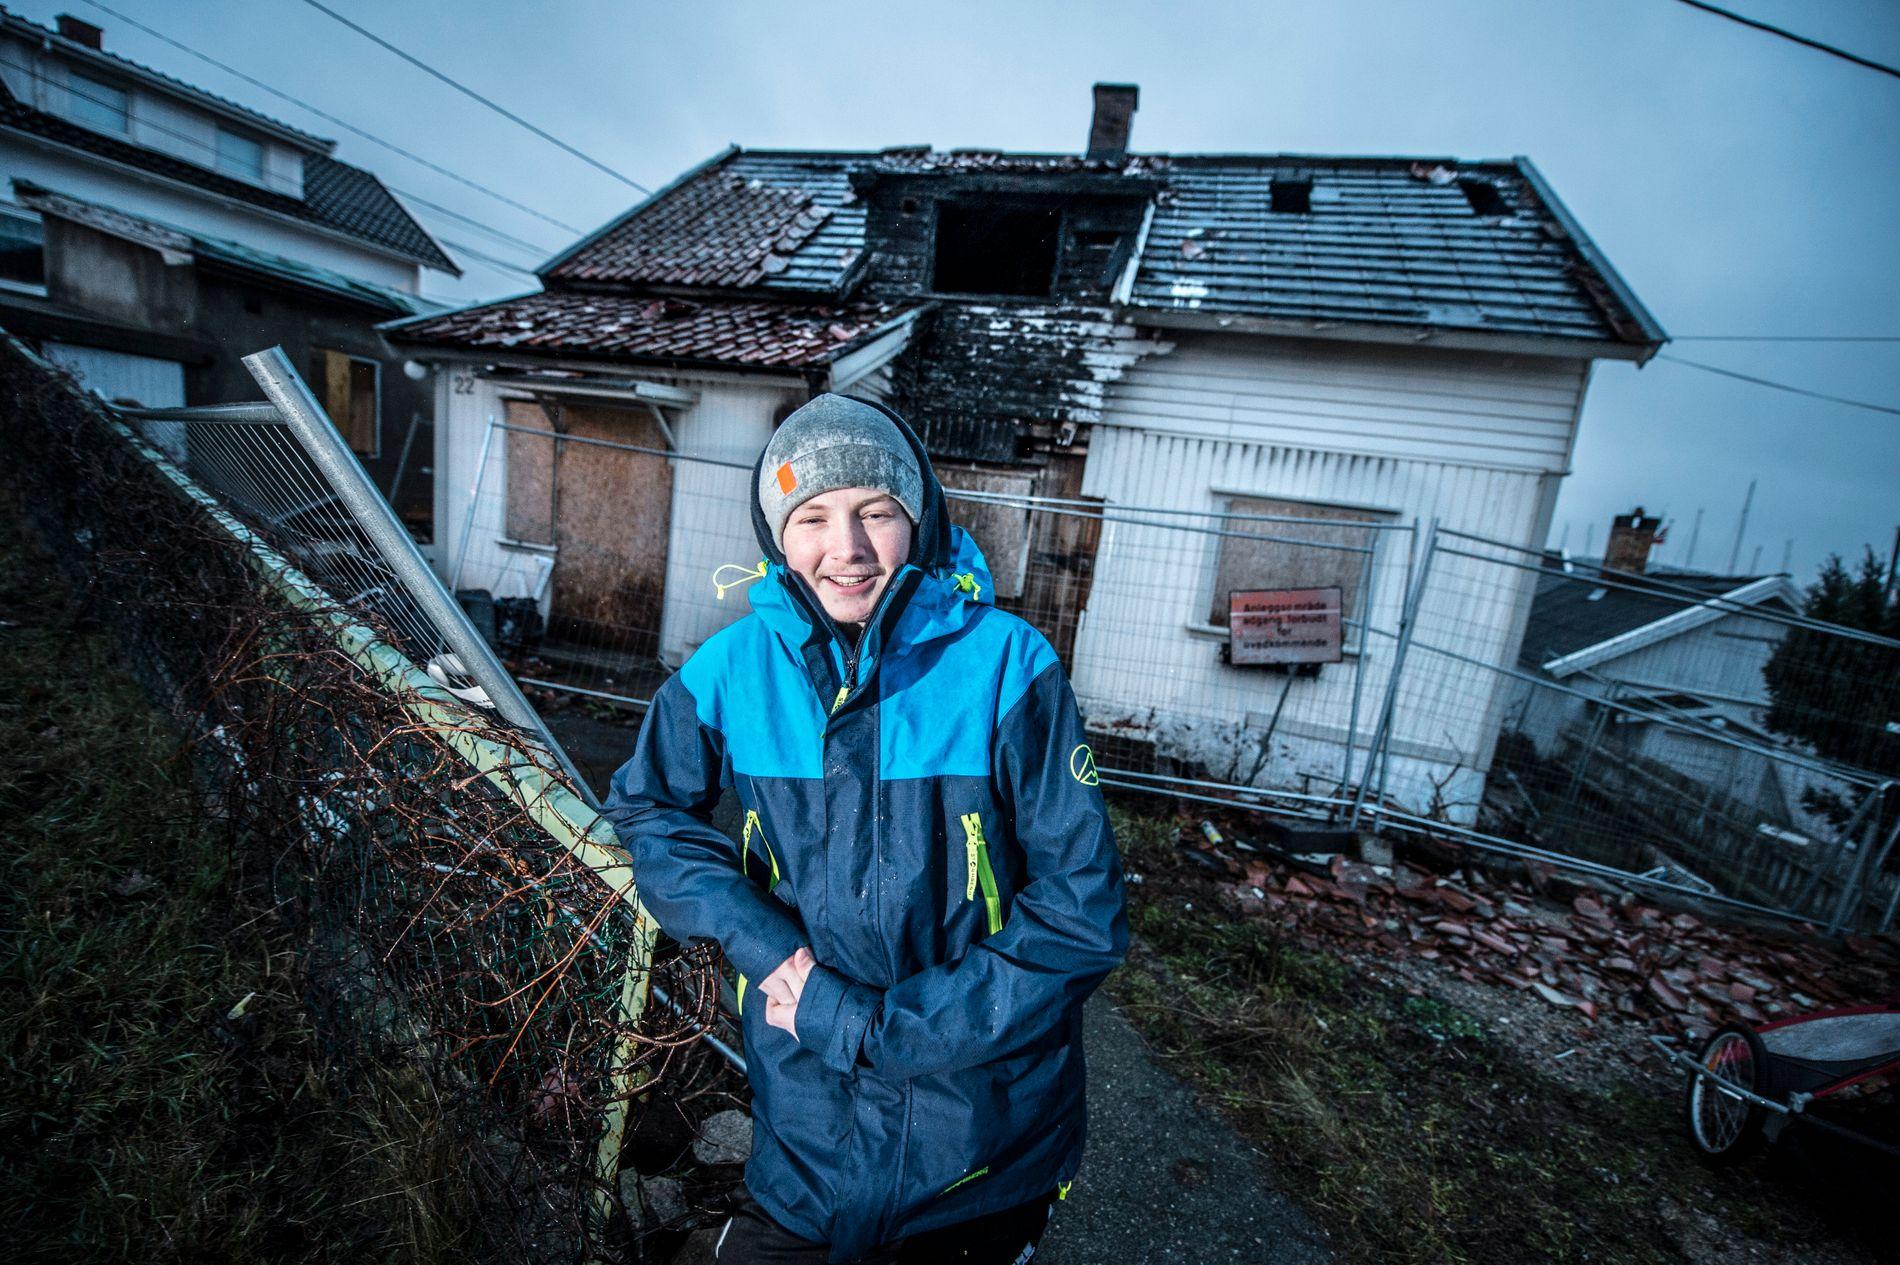 ÅRETS REDNINGSHELT: Jonas reddet to mennesker ut fra dette huset under en brann våren 2015. Nå får han prisen for årets redningshelt i Norske helter.